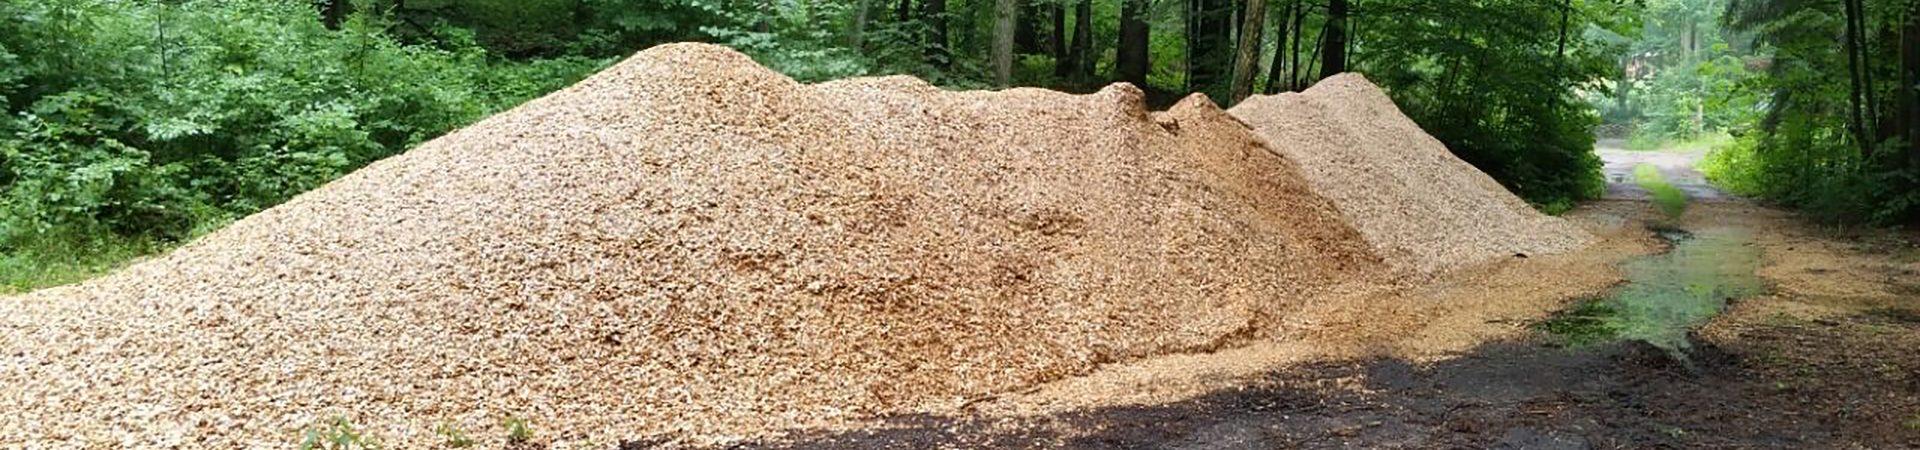 Effektive Verwertung von beforsteten Waldholz